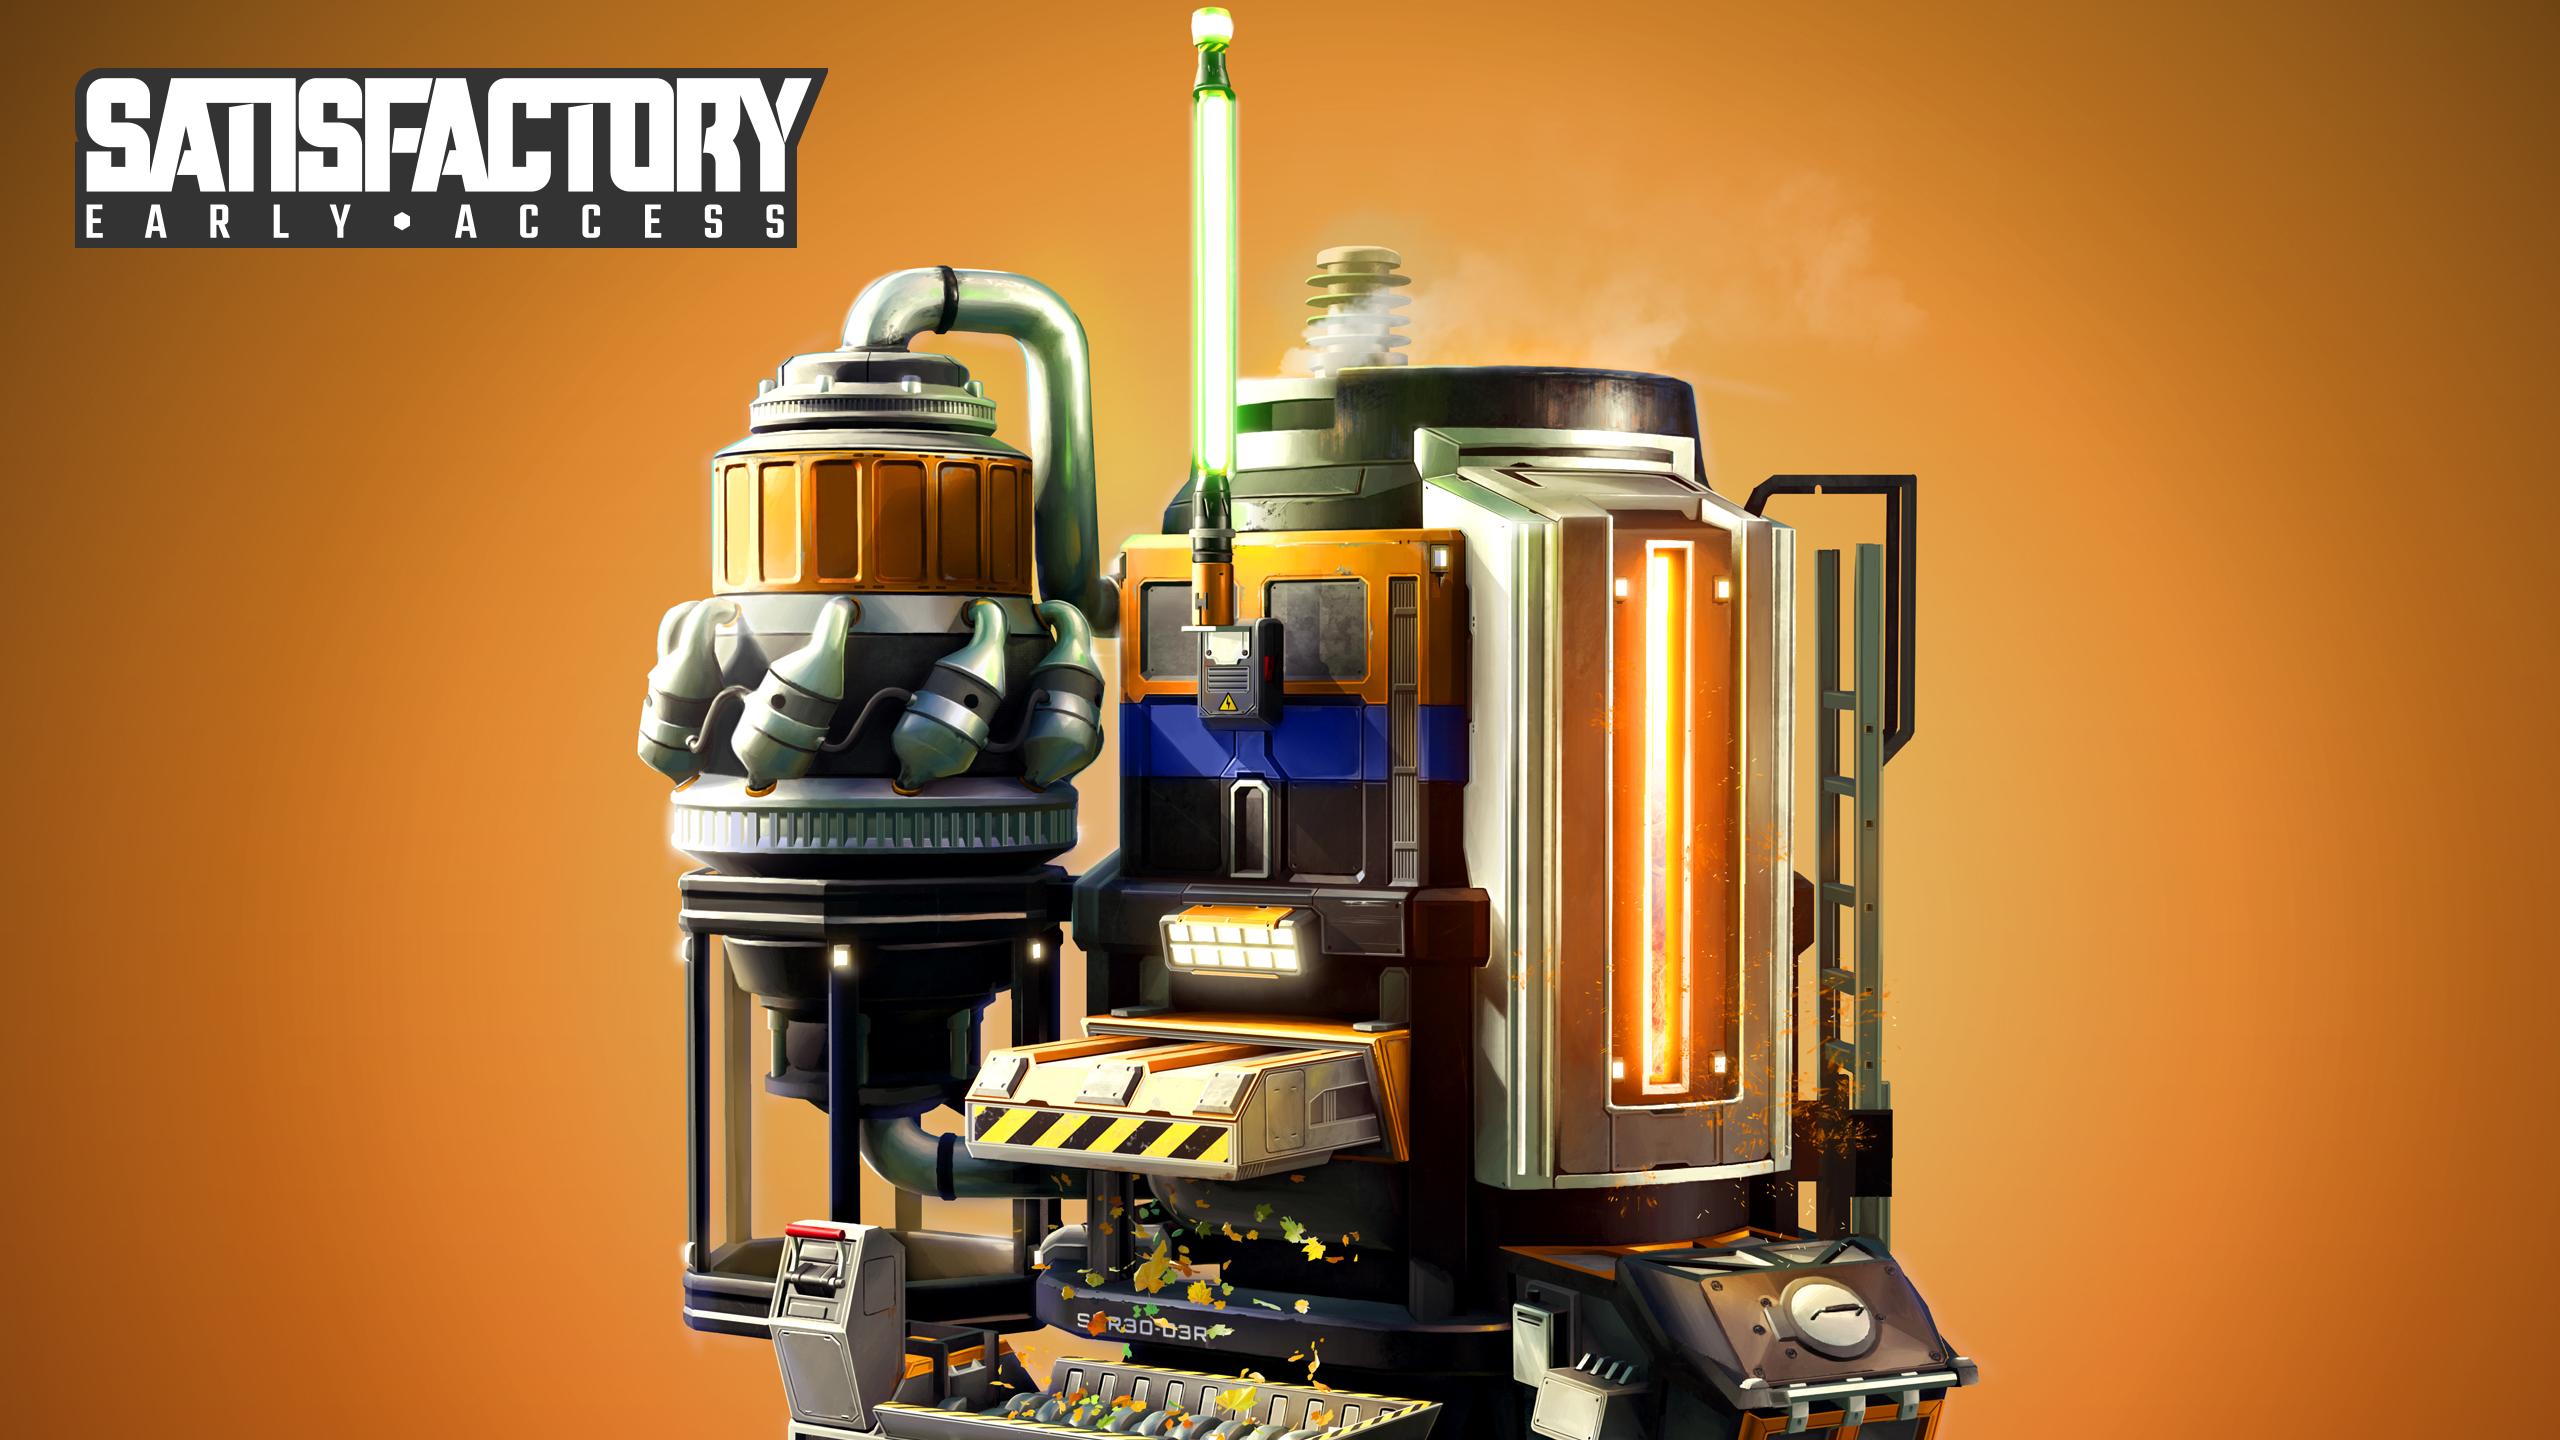 Conquista la naturaleza, construye máquinas increíbles y explora un planeta desconocido. ¡«Satisfactory» ya está disponible!